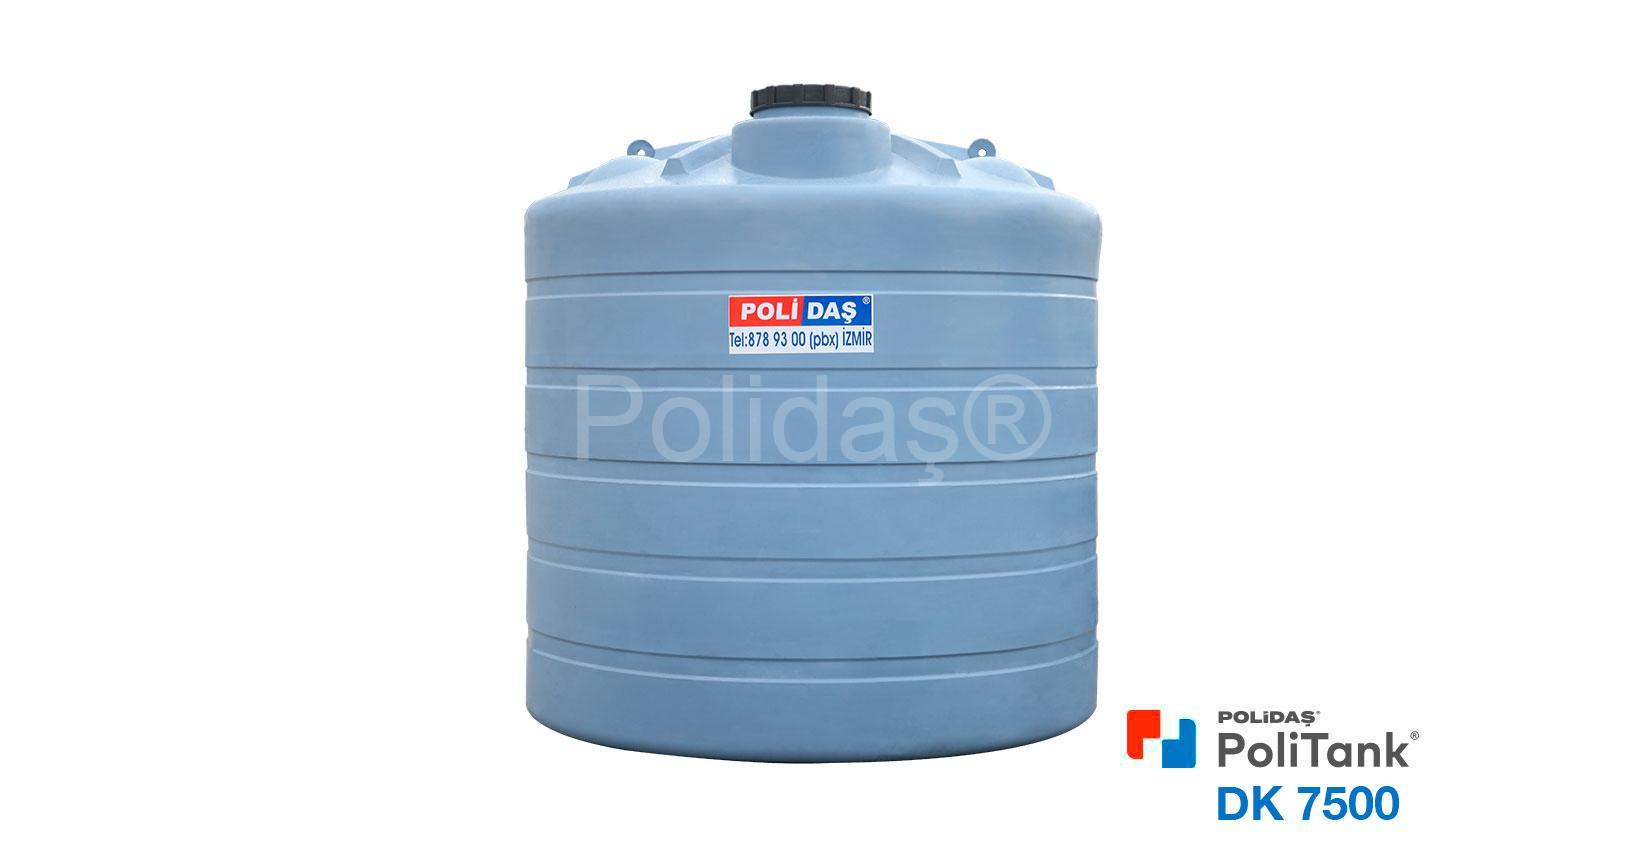 polietilen-su-deposu-dK7500